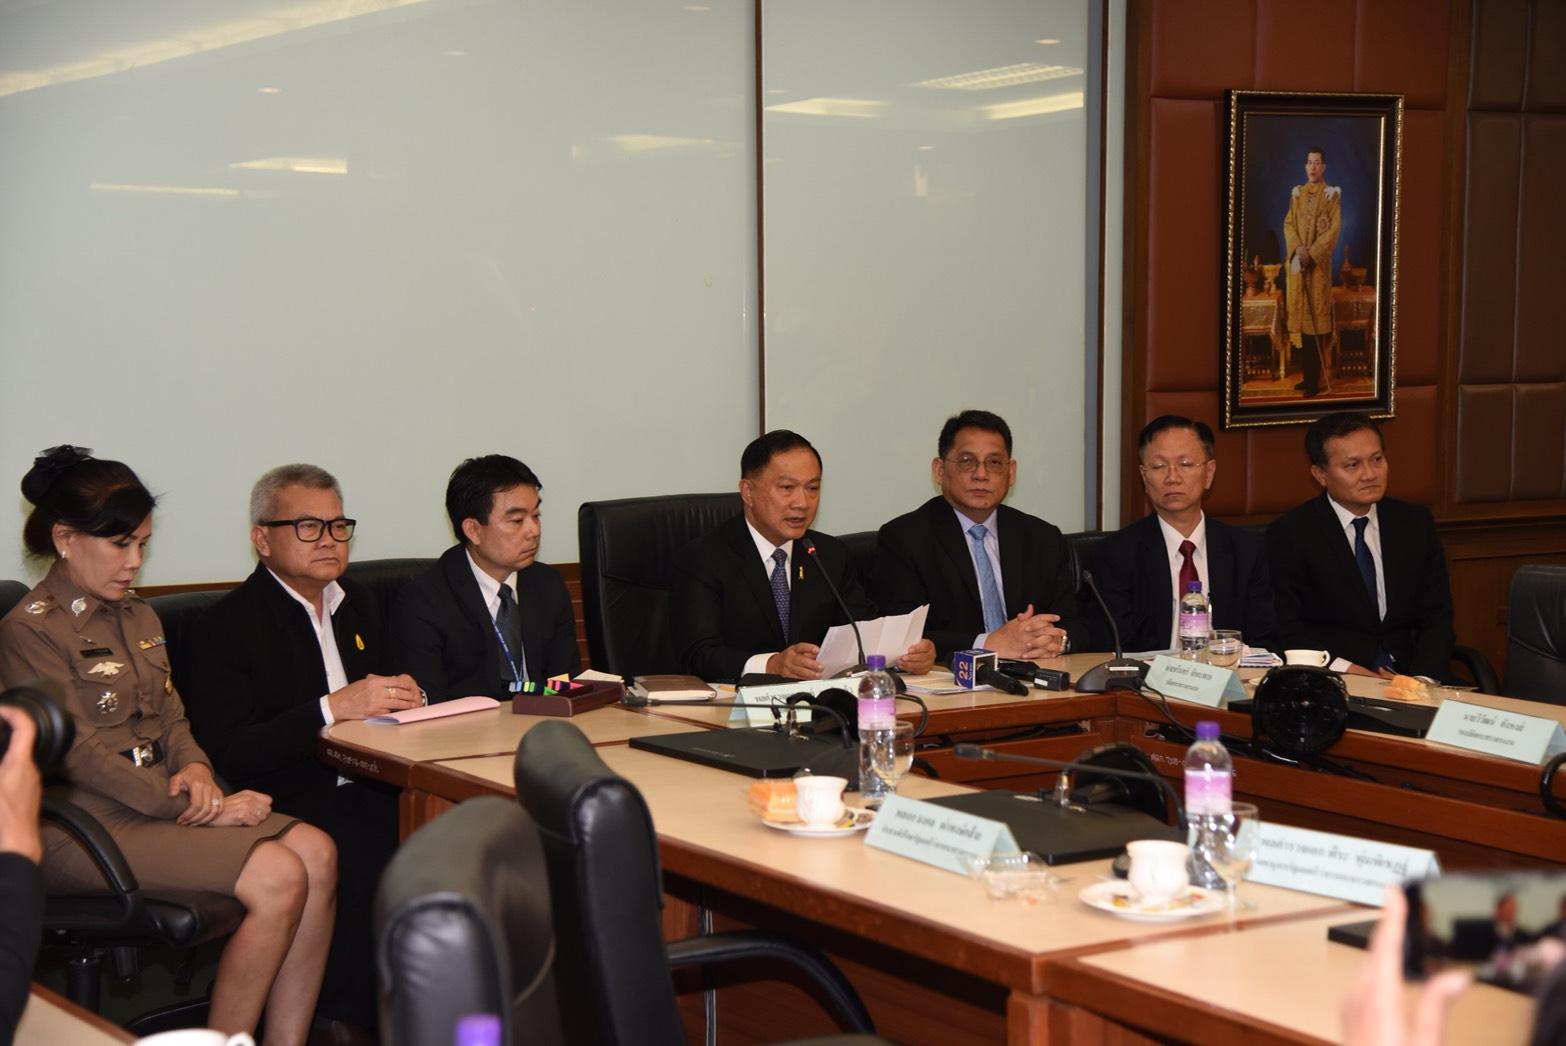 'บิ๊กอู๋' เร่งแก้ปัญหาแรงงานผิดกฎหมาย พร้อมเพิ่มประสิทธิภาพจัดส่งแรงงานไทยไปต่างประเทศ